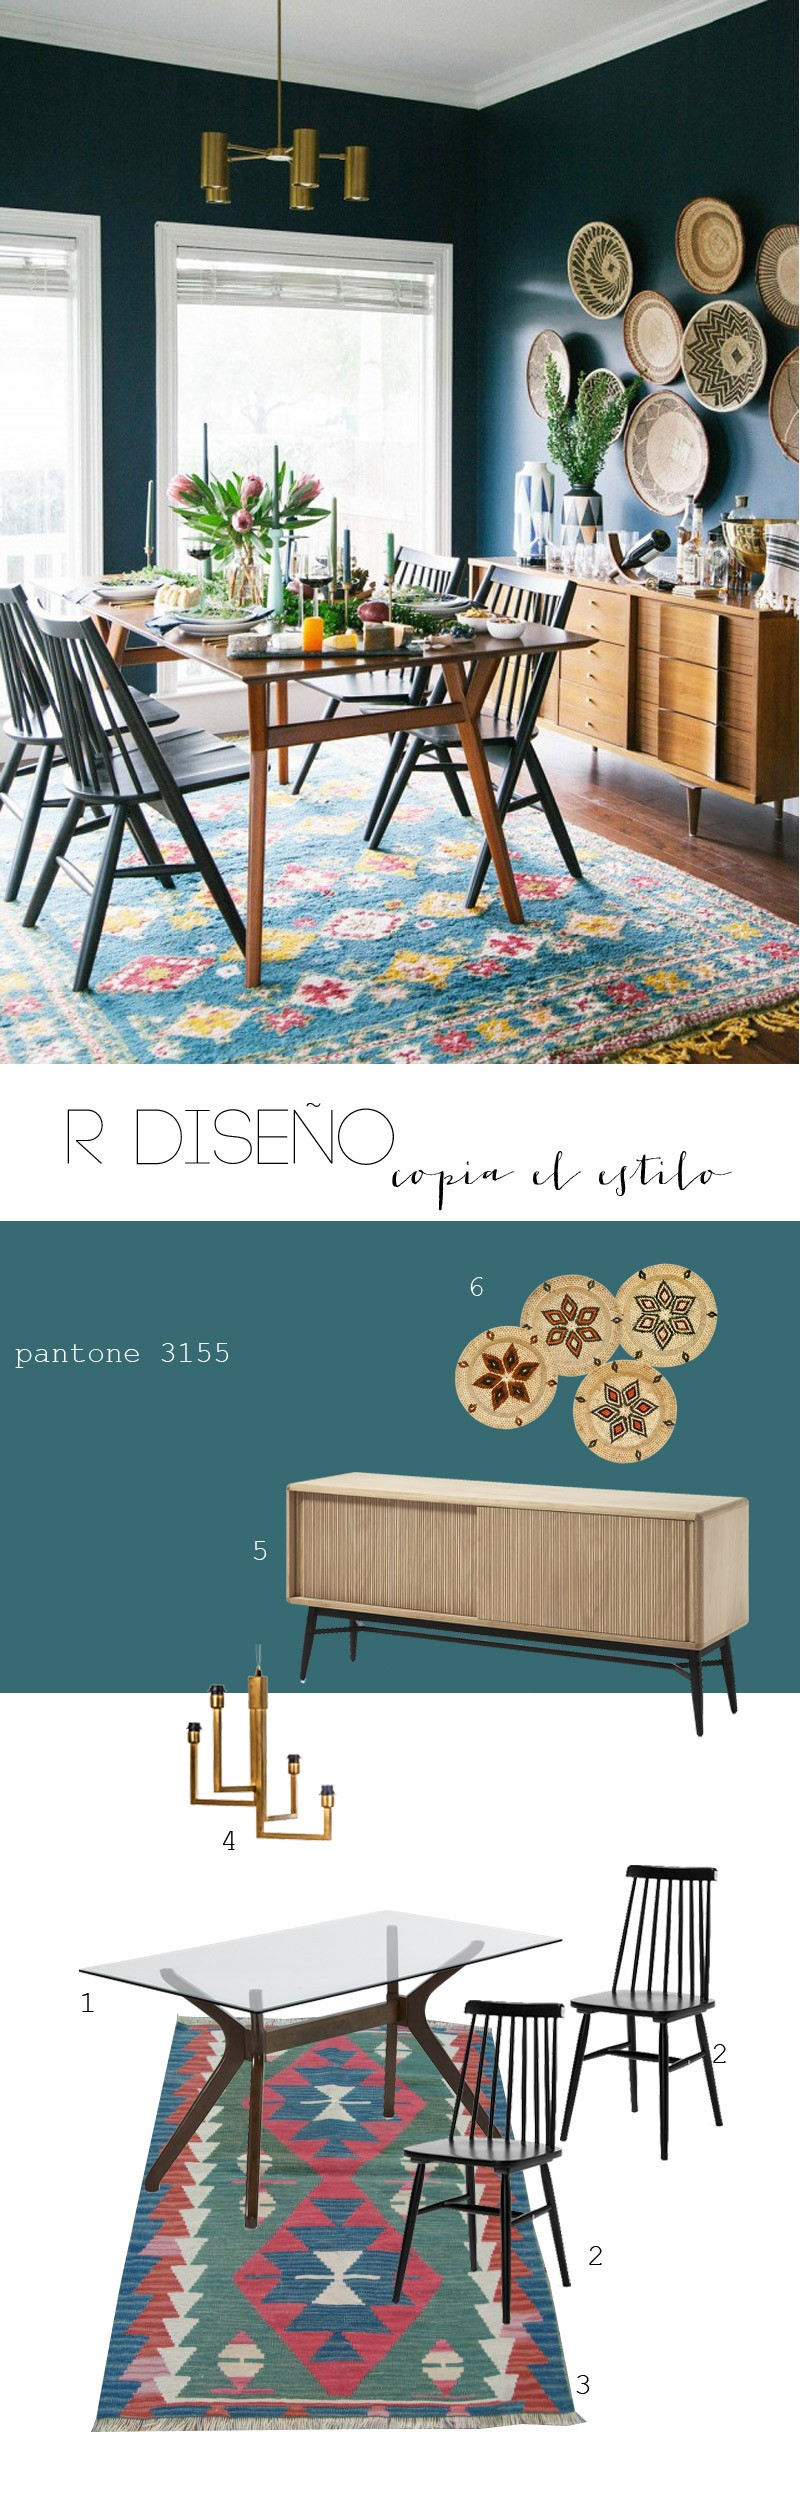 R de Room INTERIORISMO. Copia el estilo: comedor boho. Combinación de piezas mid century con alfombra kilim y objetos de artesanía.